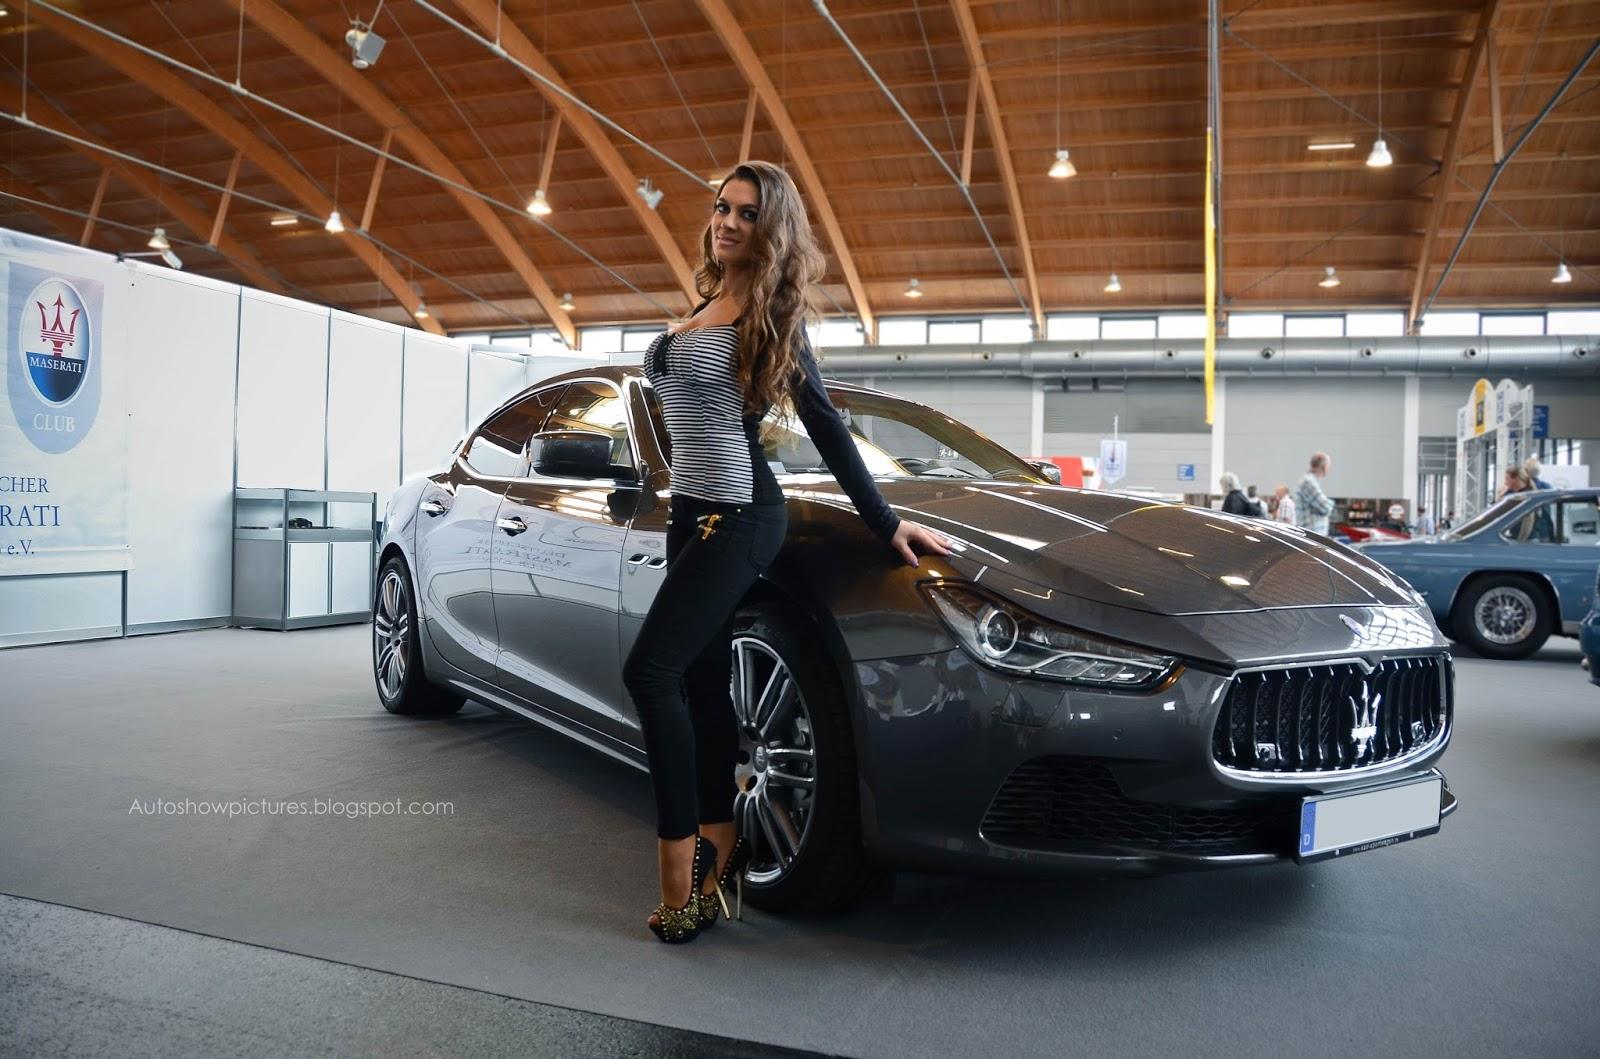 Maserati Ghibli Q4 >> AUTOSHOWPICTURES: Maserati Ghibli S Q4 Girl